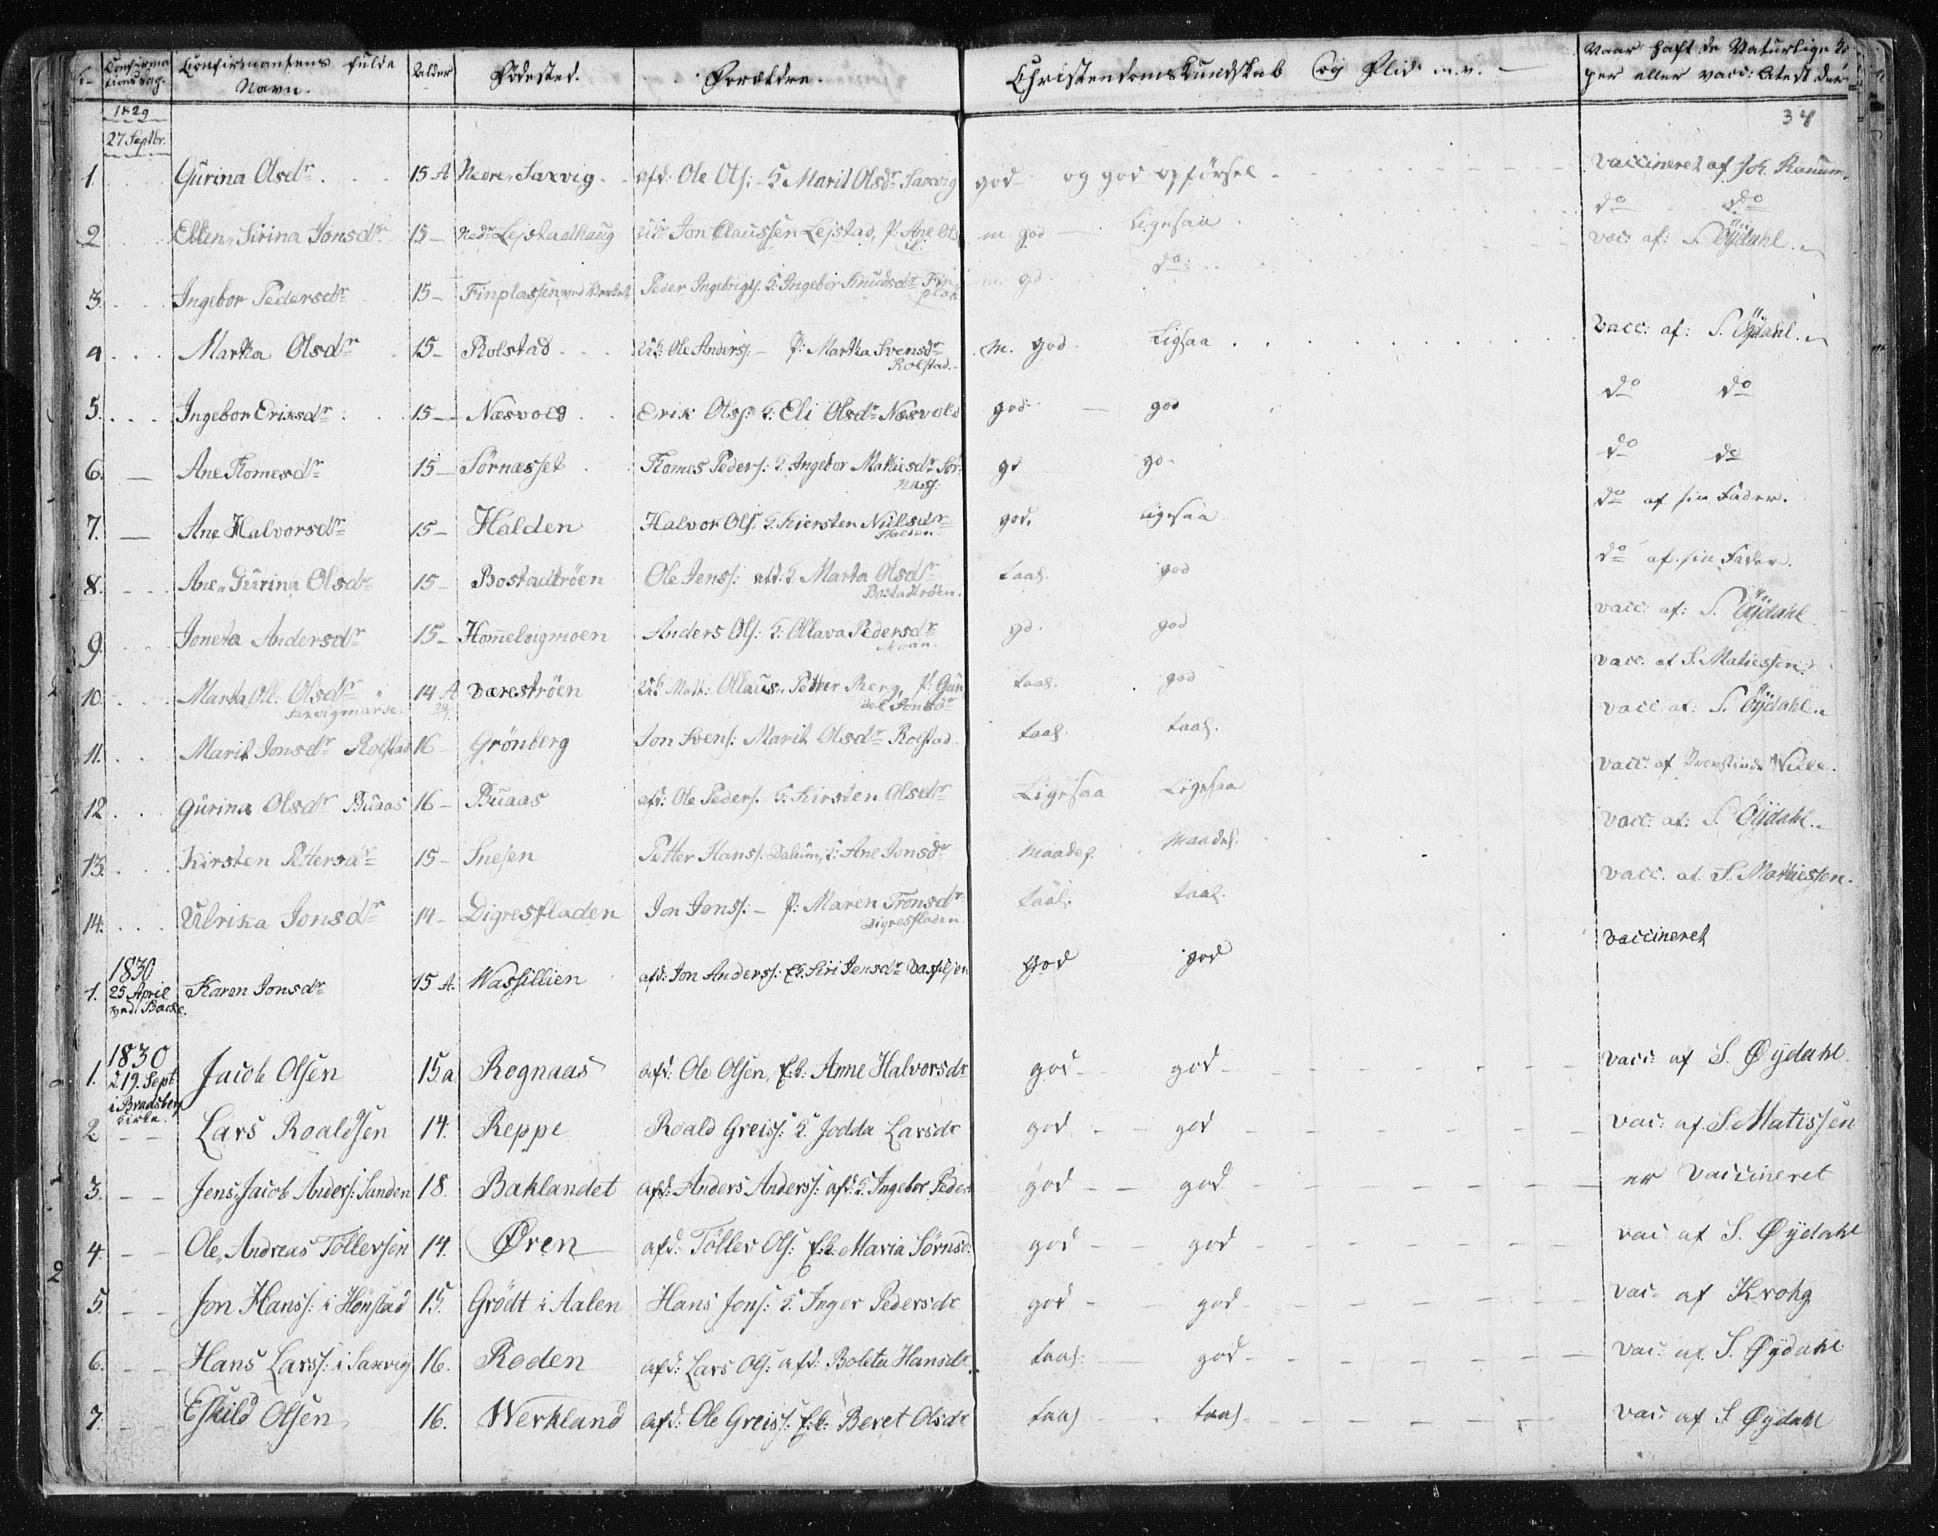 SAT, Ministerialprotokoller, klokkerbøker og fødselsregistre - Sør-Trøndelag, 616/L0404: Ministerialbok nr. 616A01, 1823-1831, s. 34